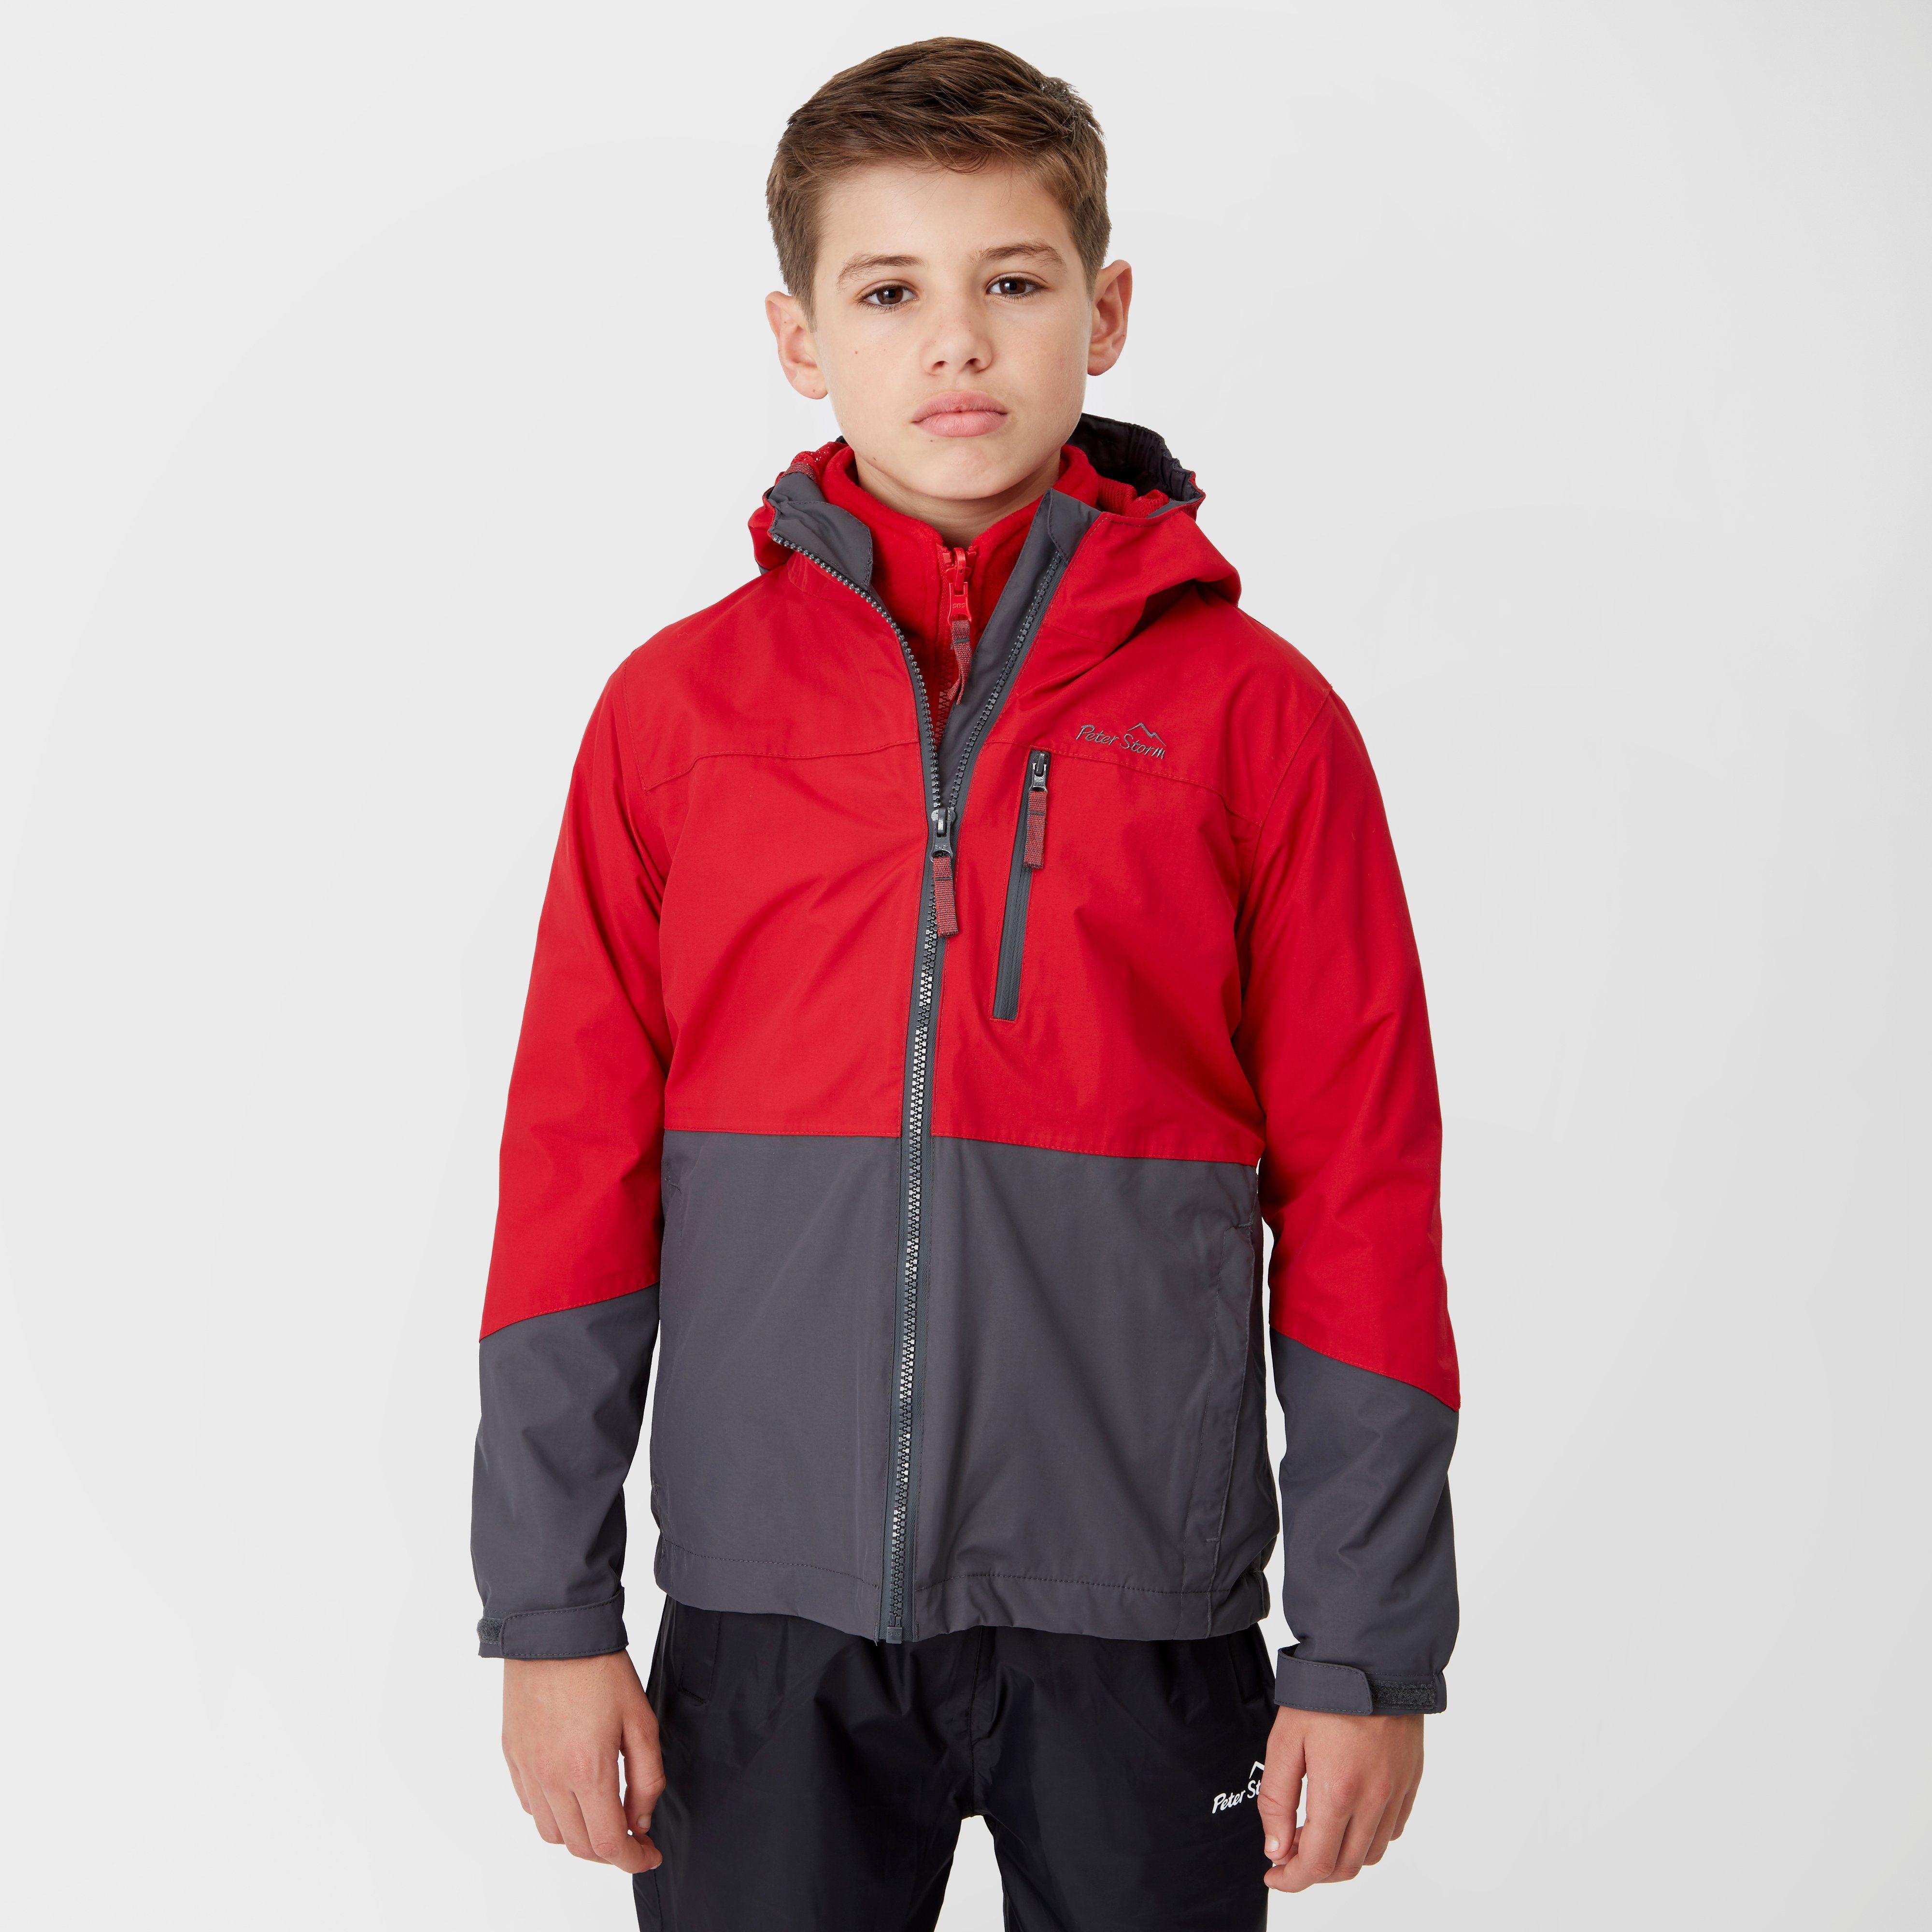 PETER STORM Boy's Cloudburst 3-in-1 Jacket